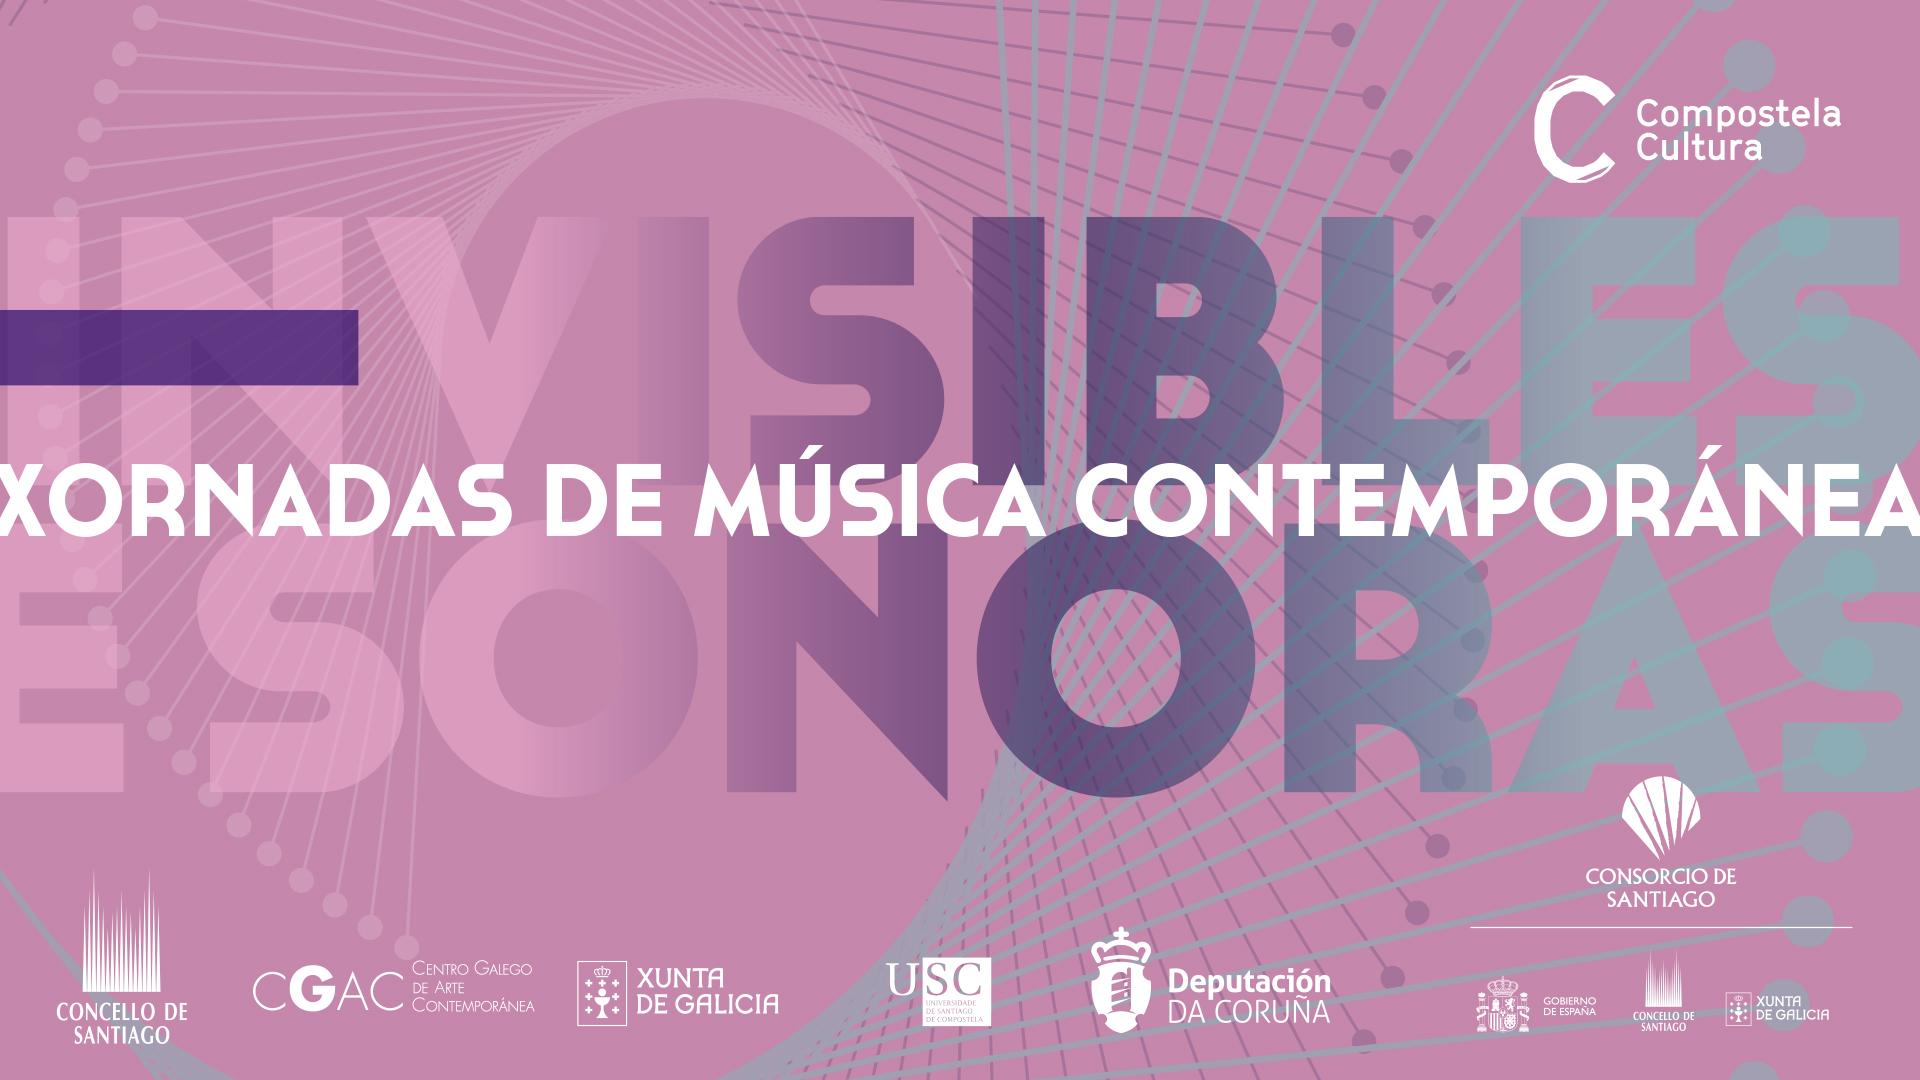 INVISIBLES E SONORAS @ Auditorio de Galicia, Teatro Principal, CGAC e Praza das Praterías